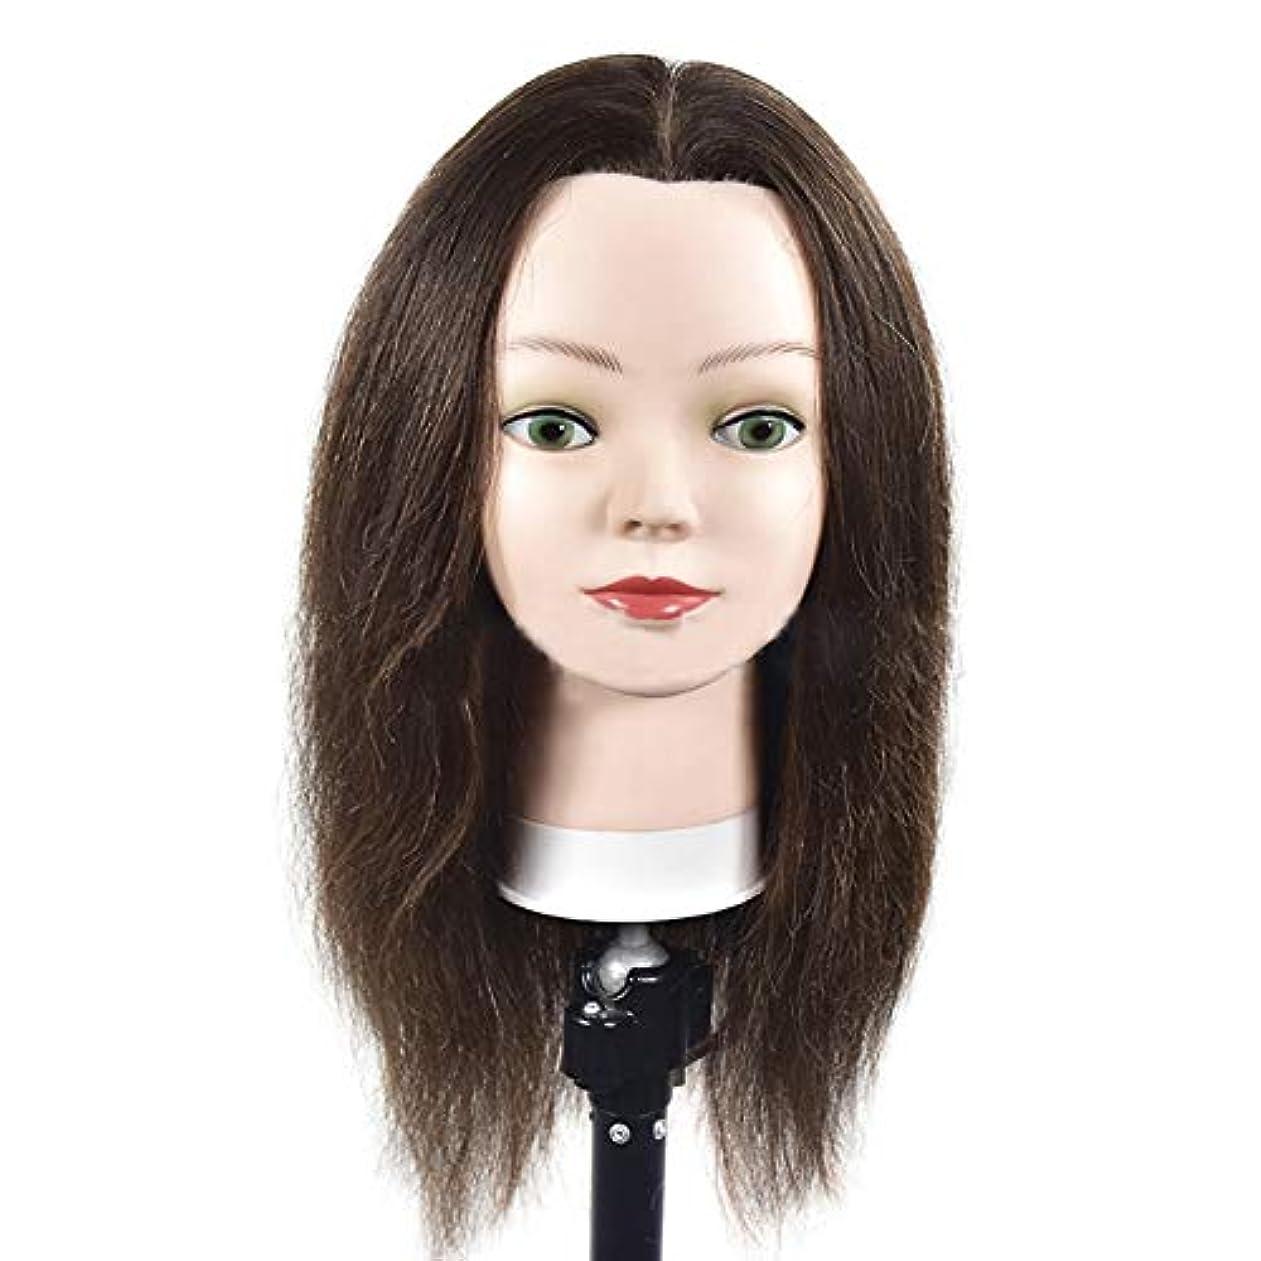 道徳教育フィールド気配りのあるサロン髪編組理髪指導ヘッドスタイリング散髪ダミーヘッド化粧学習マネキンヘッド